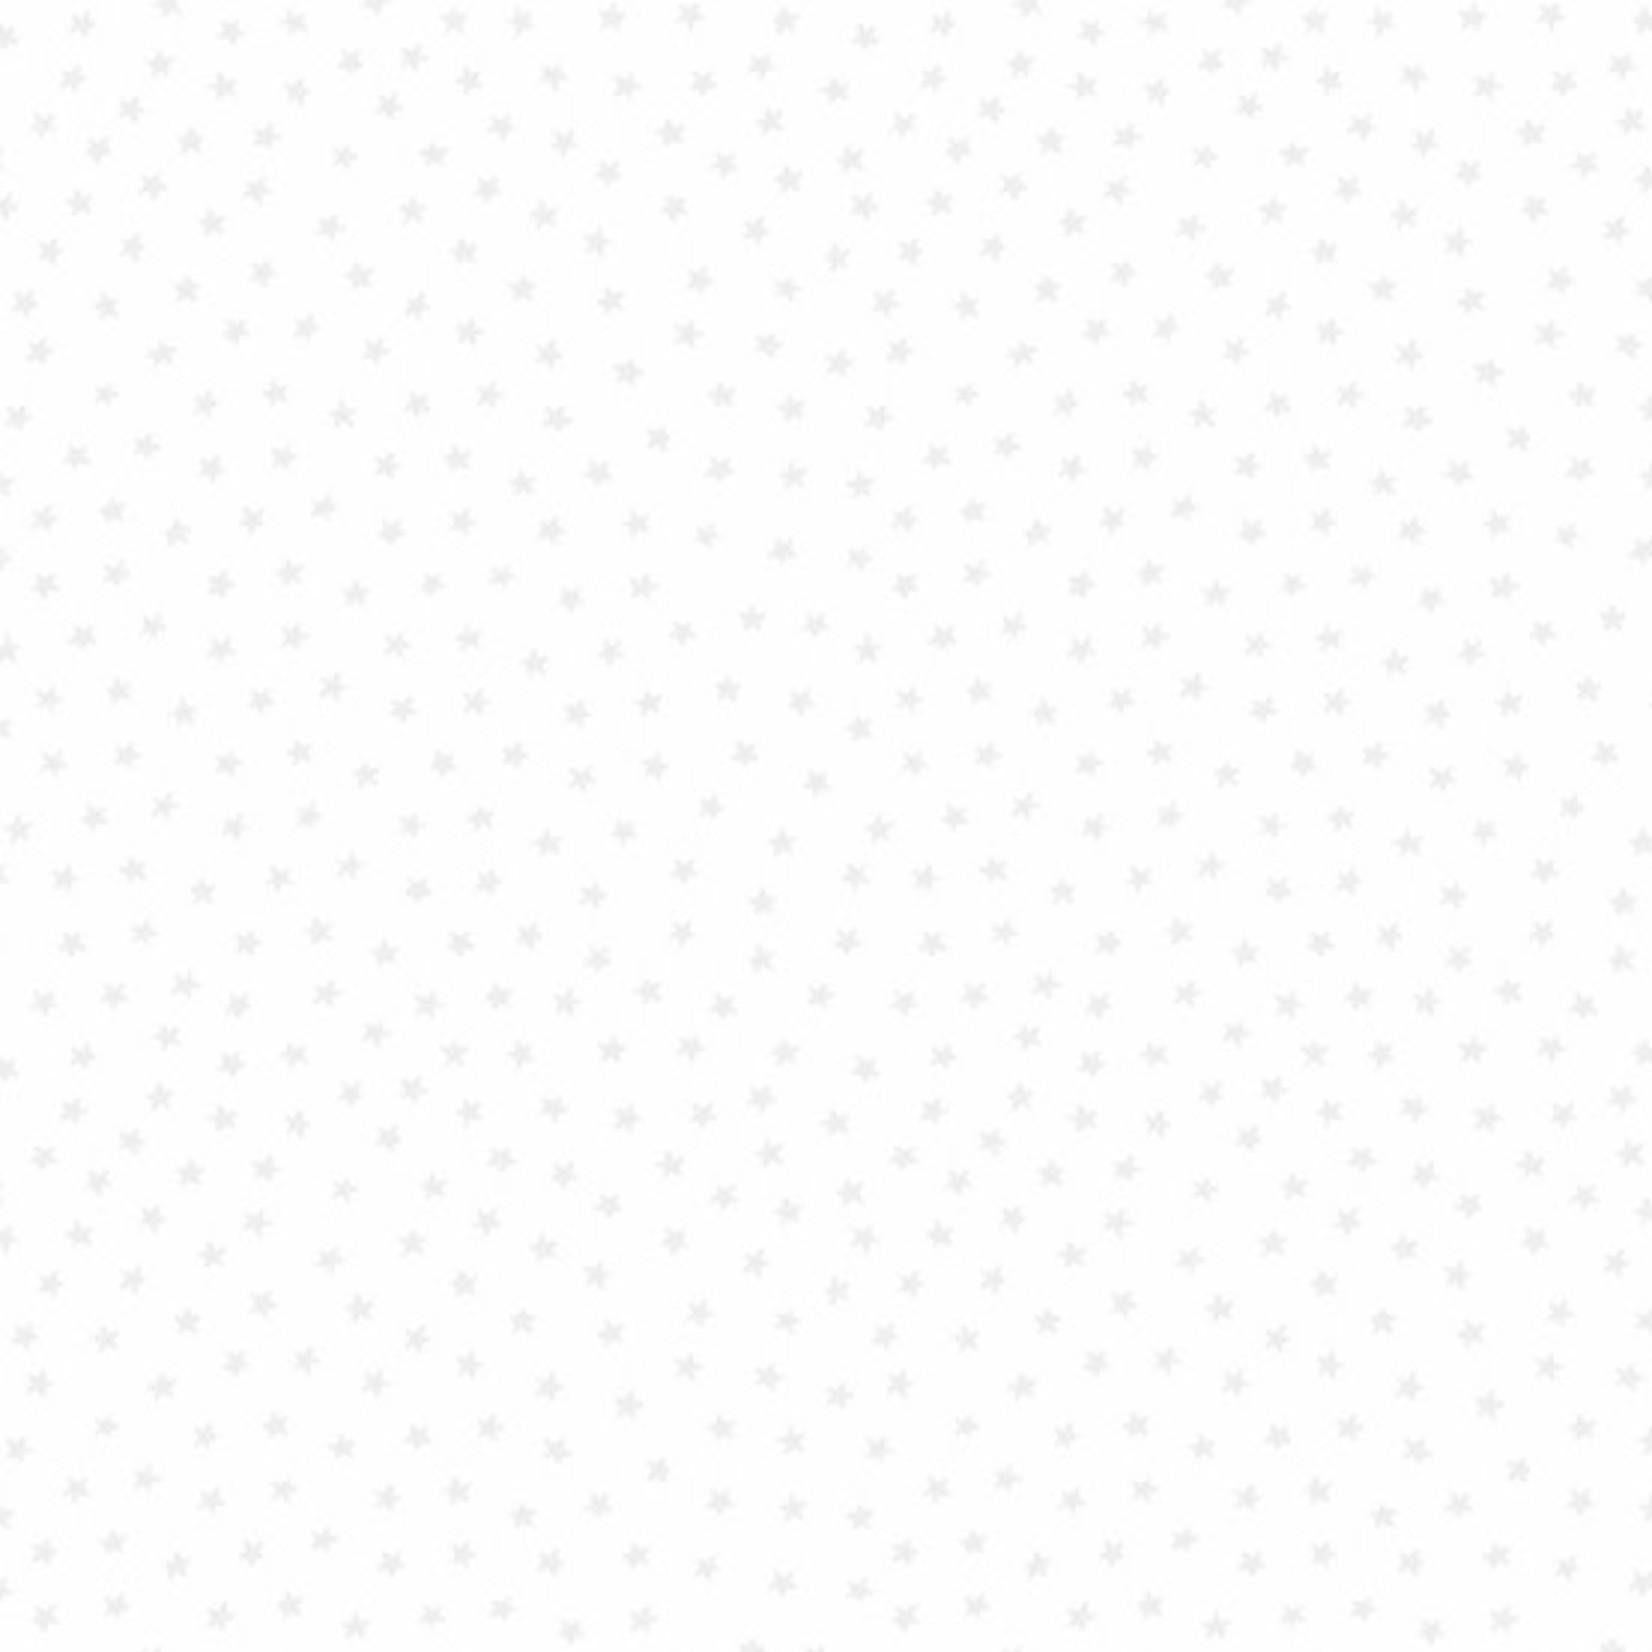 Andover Century Whites, Stars CS-9674-WW $0.18 per cm or $18/m